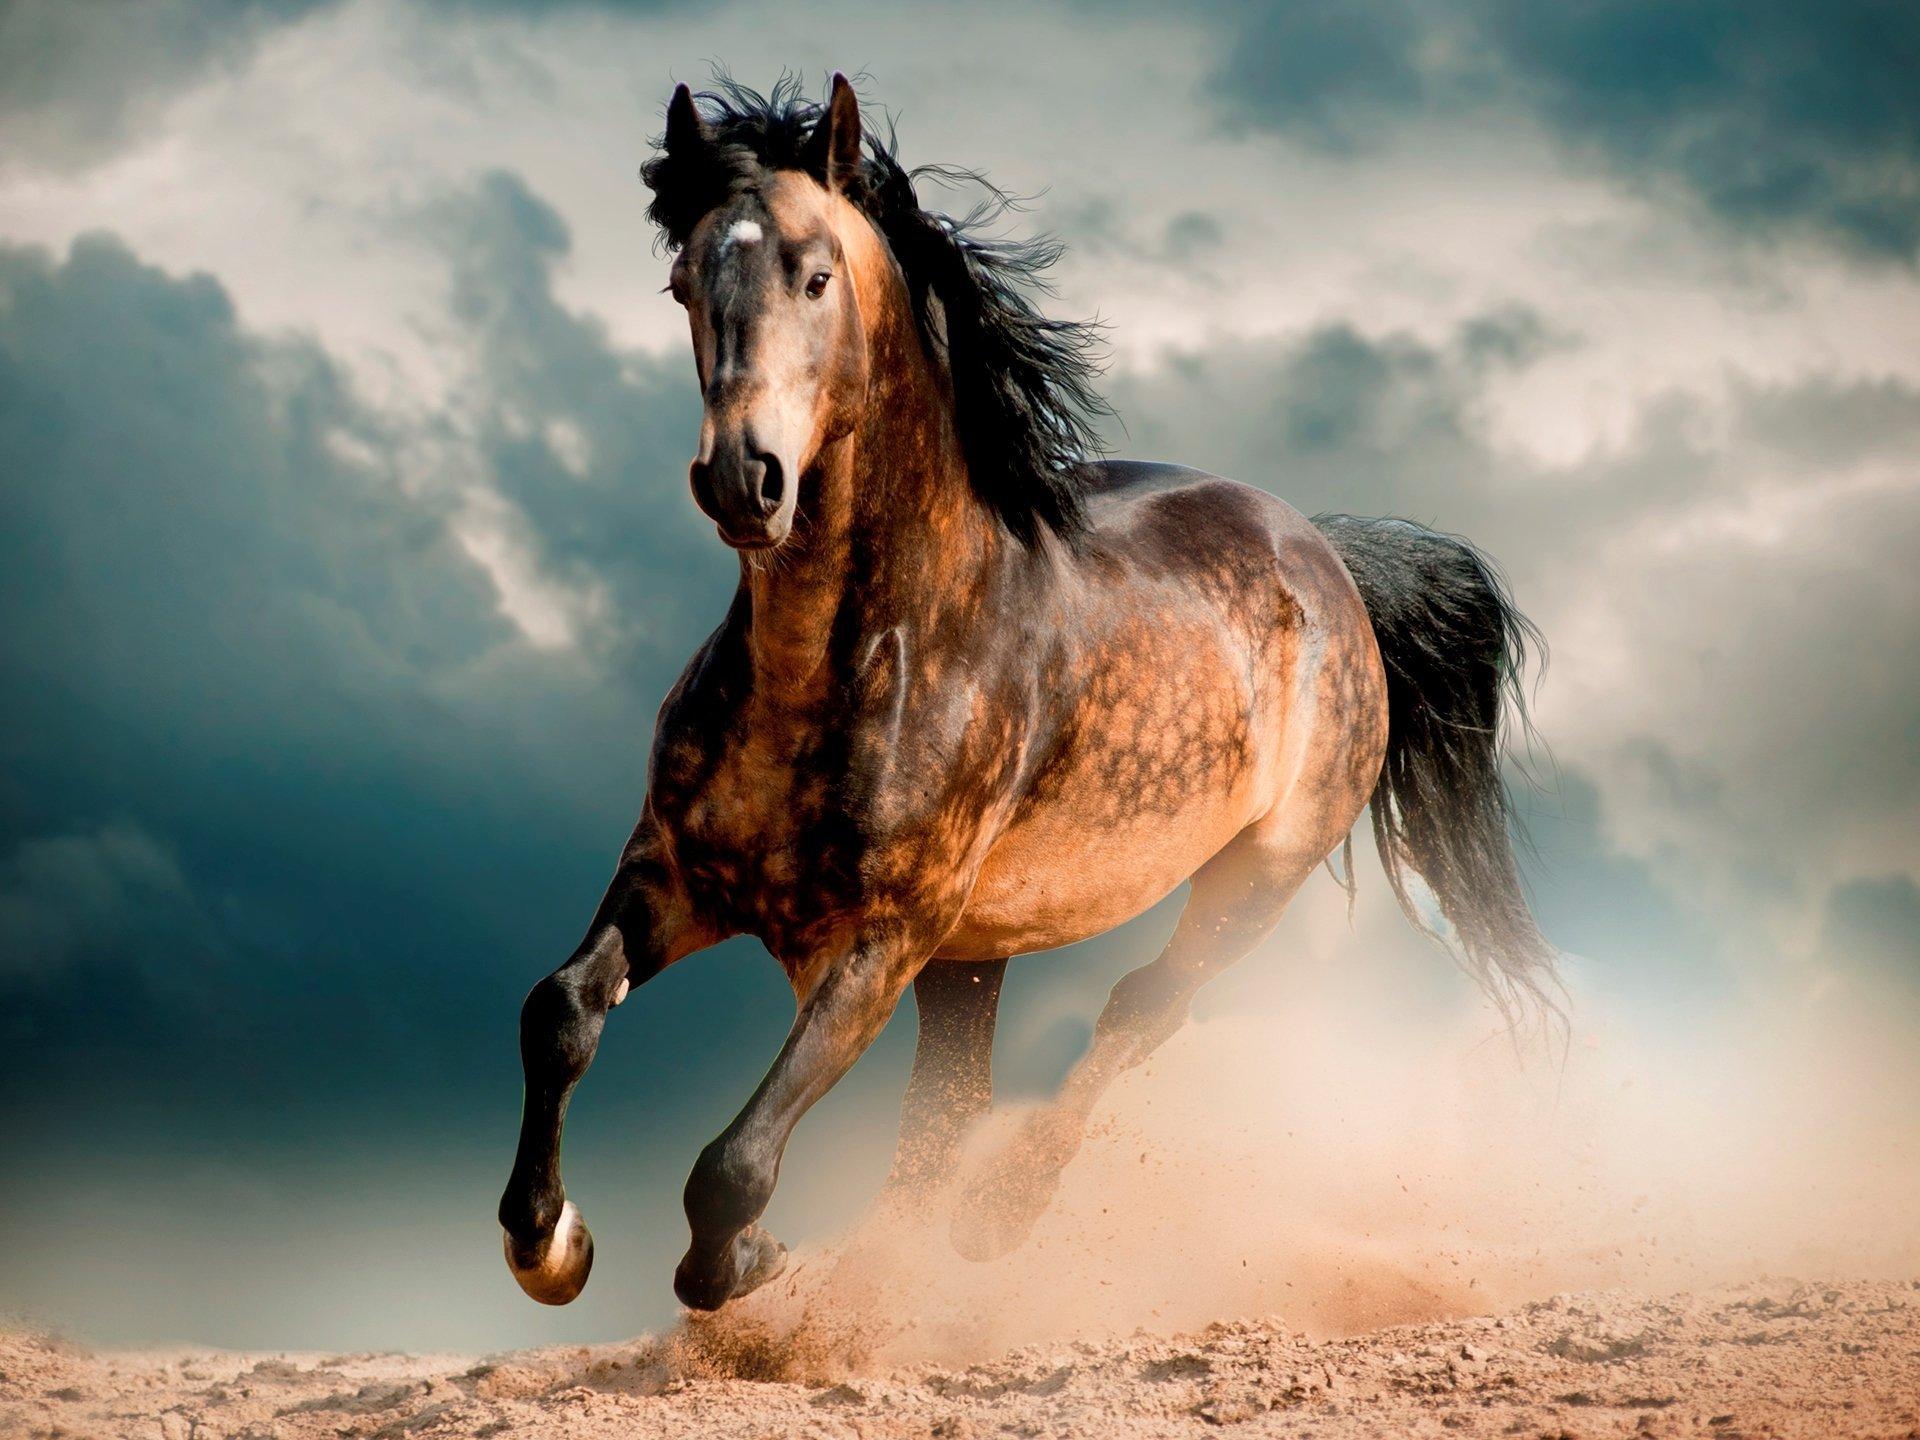 O Cavalo aparece em quase todas as mitologias, seja por escrito, folclore ou realidade.